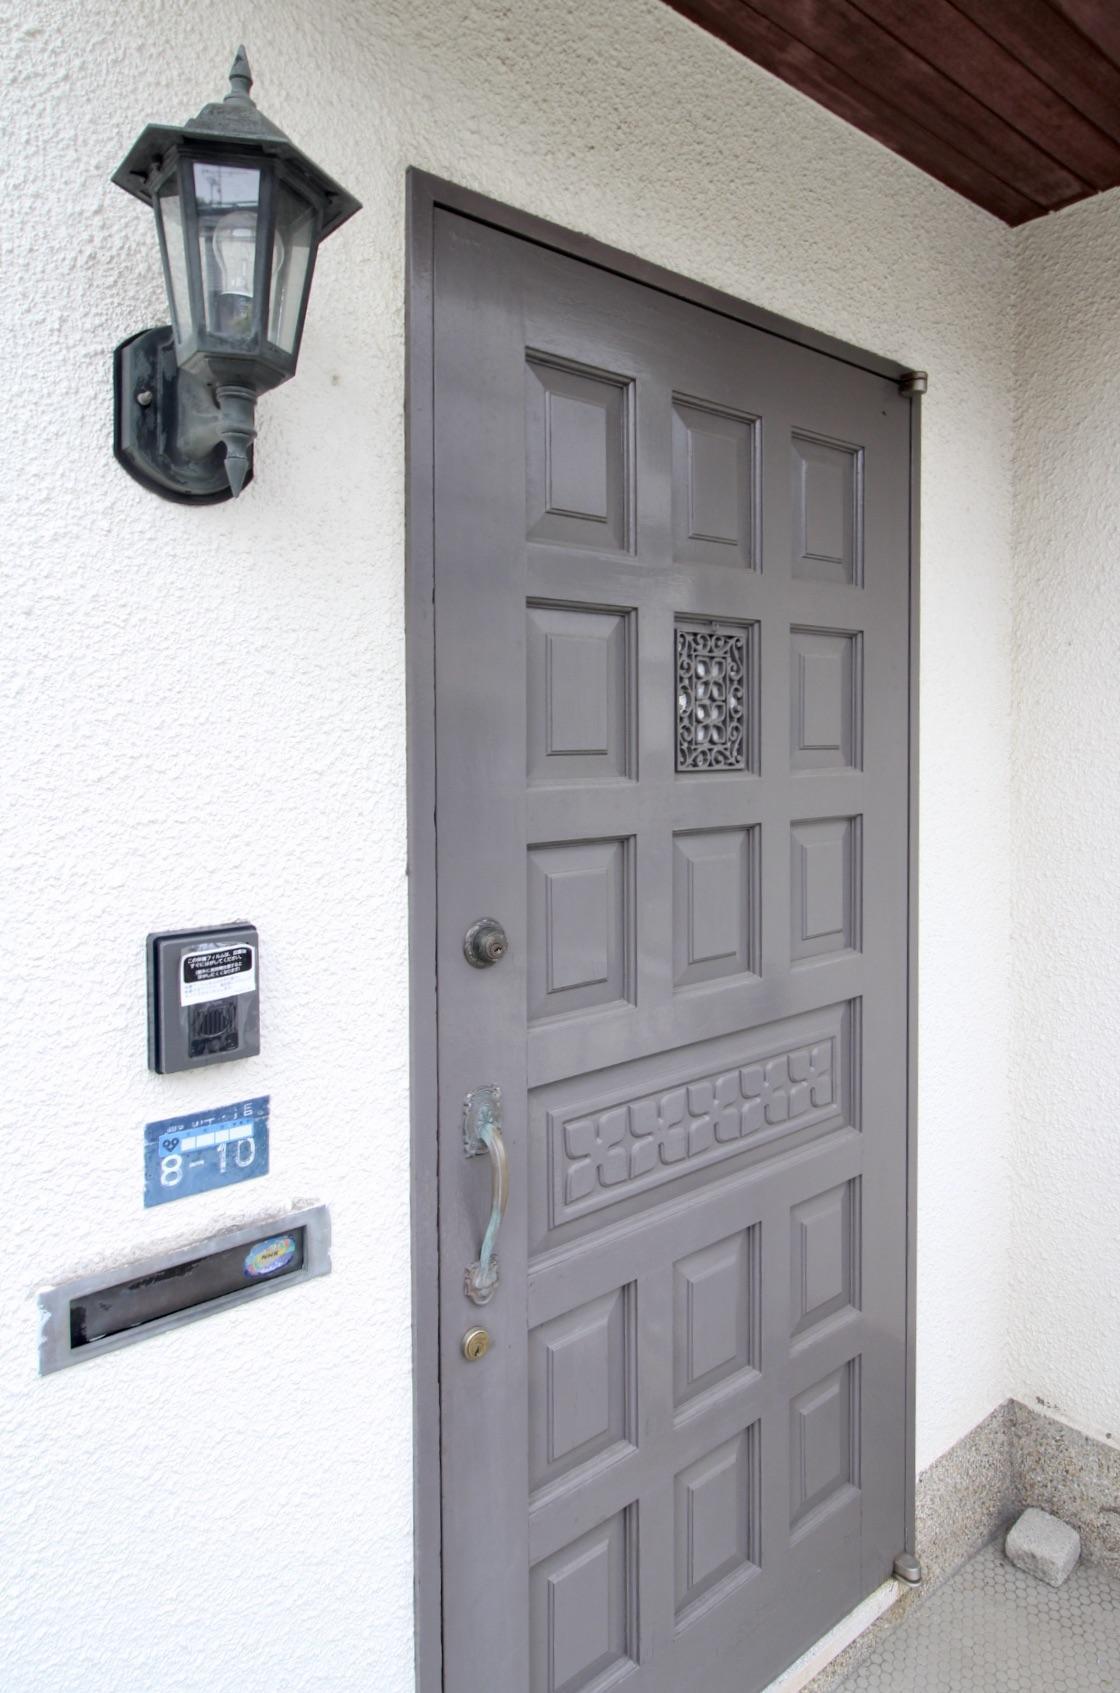 ブルーグレーの木製ドアや照明、ポストがレトロで愛らしい